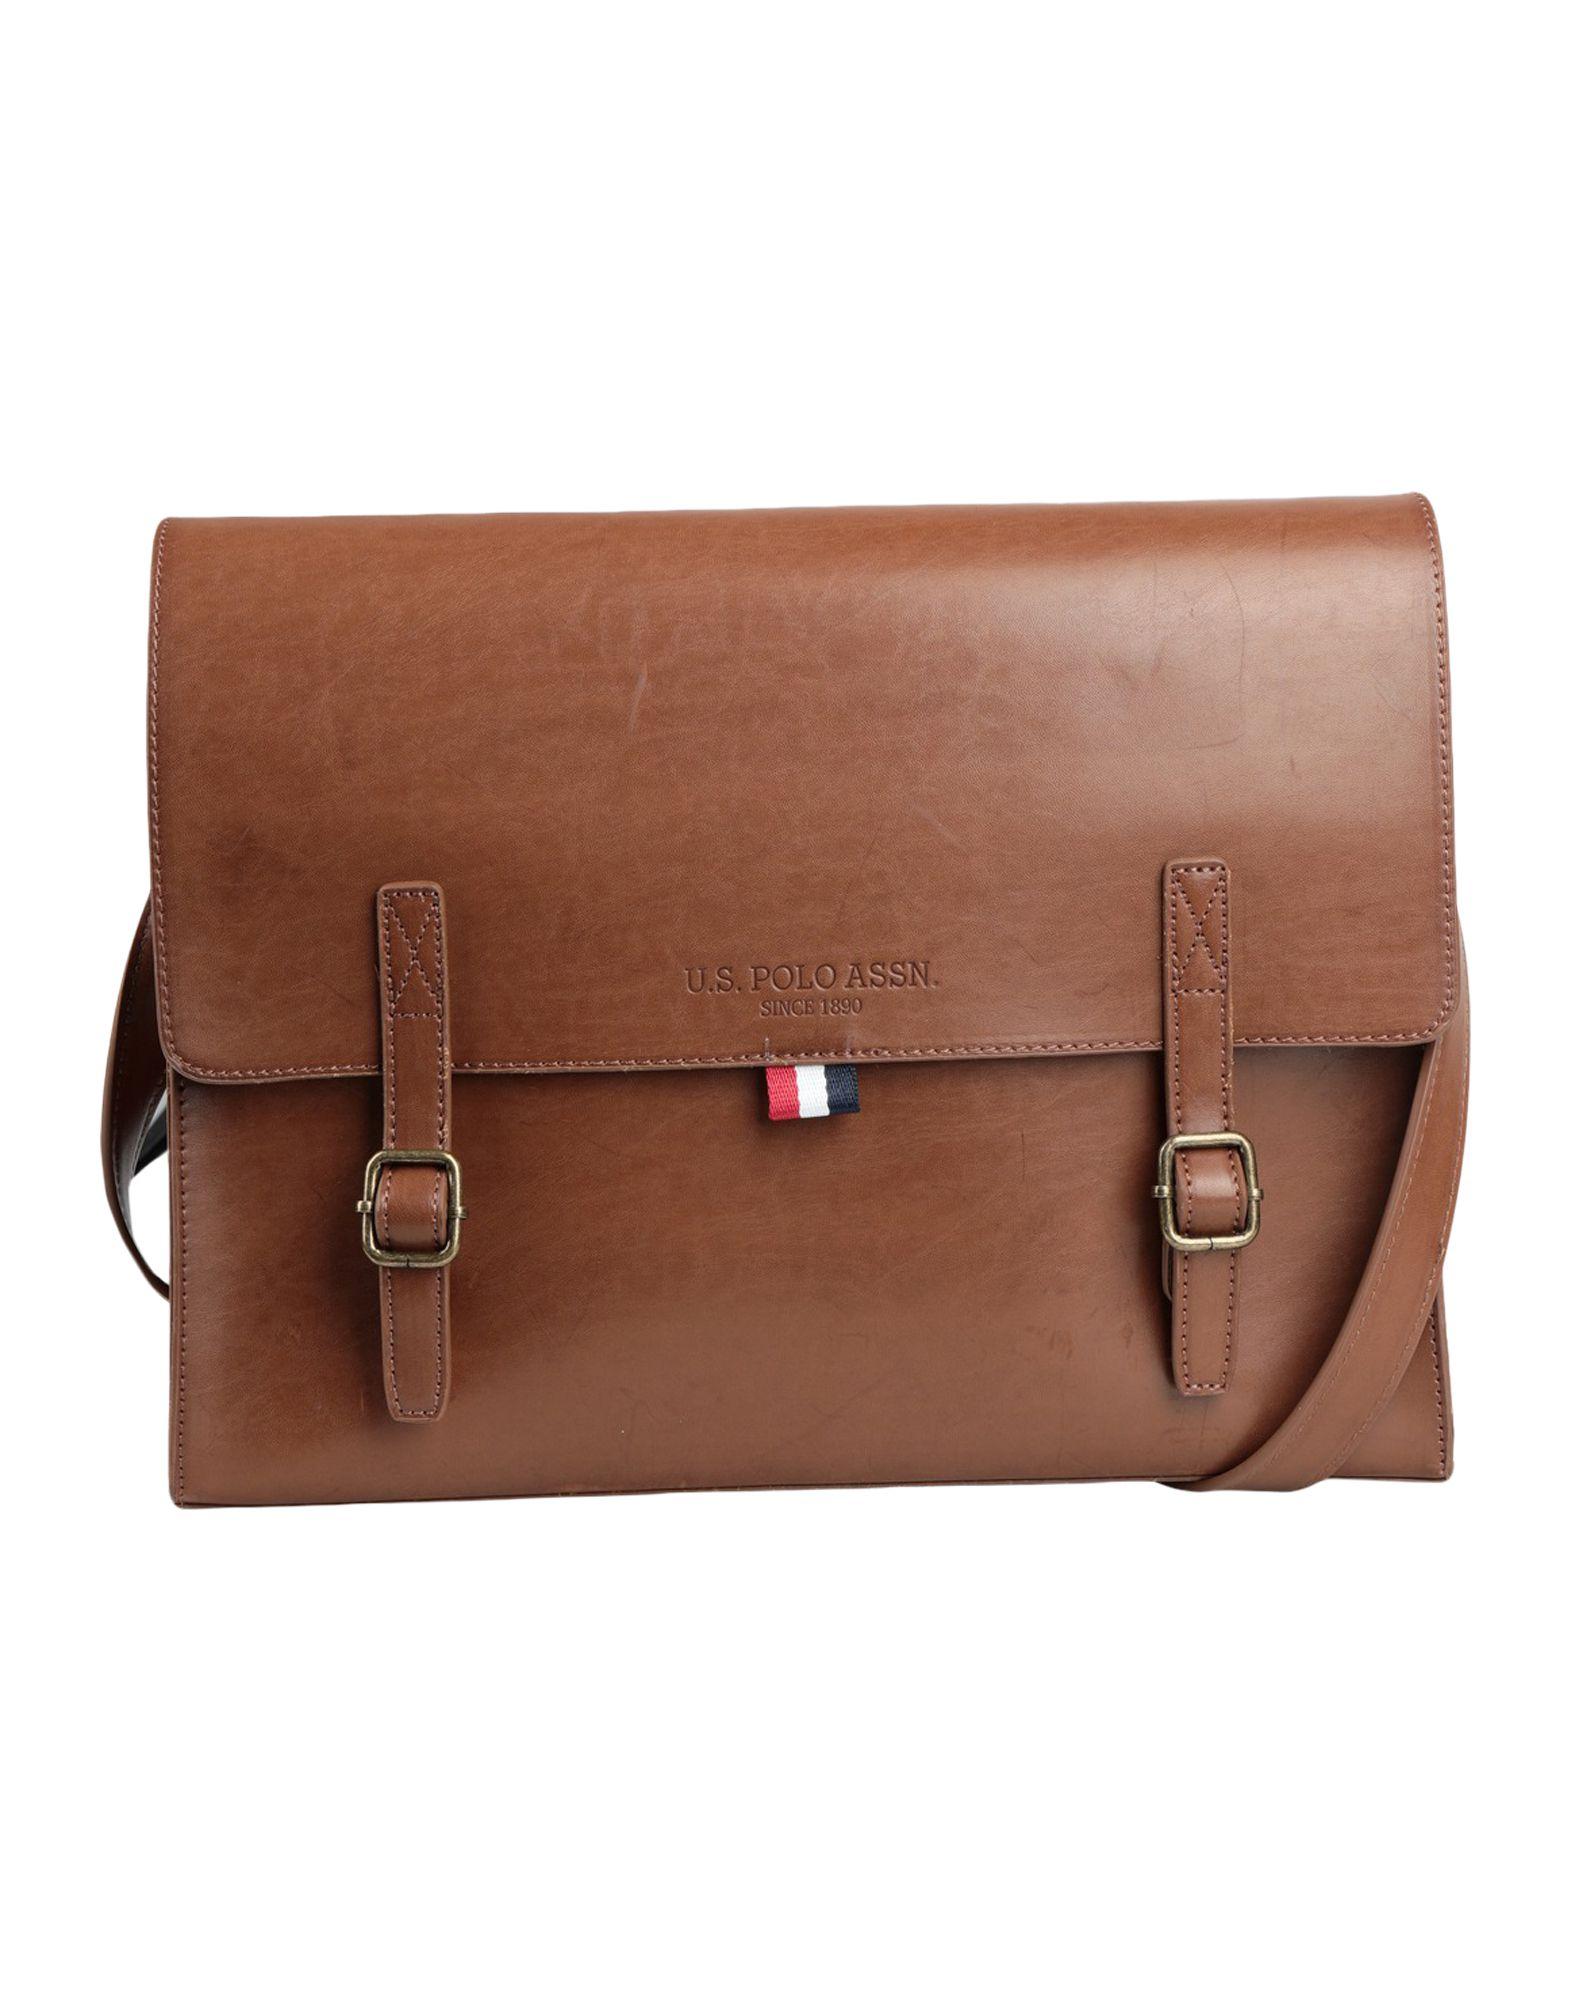 U.S.POLO ASSN. Деловые сумки сумки magnolia сумка женская a761 7363 лак искусственная кожа page 8